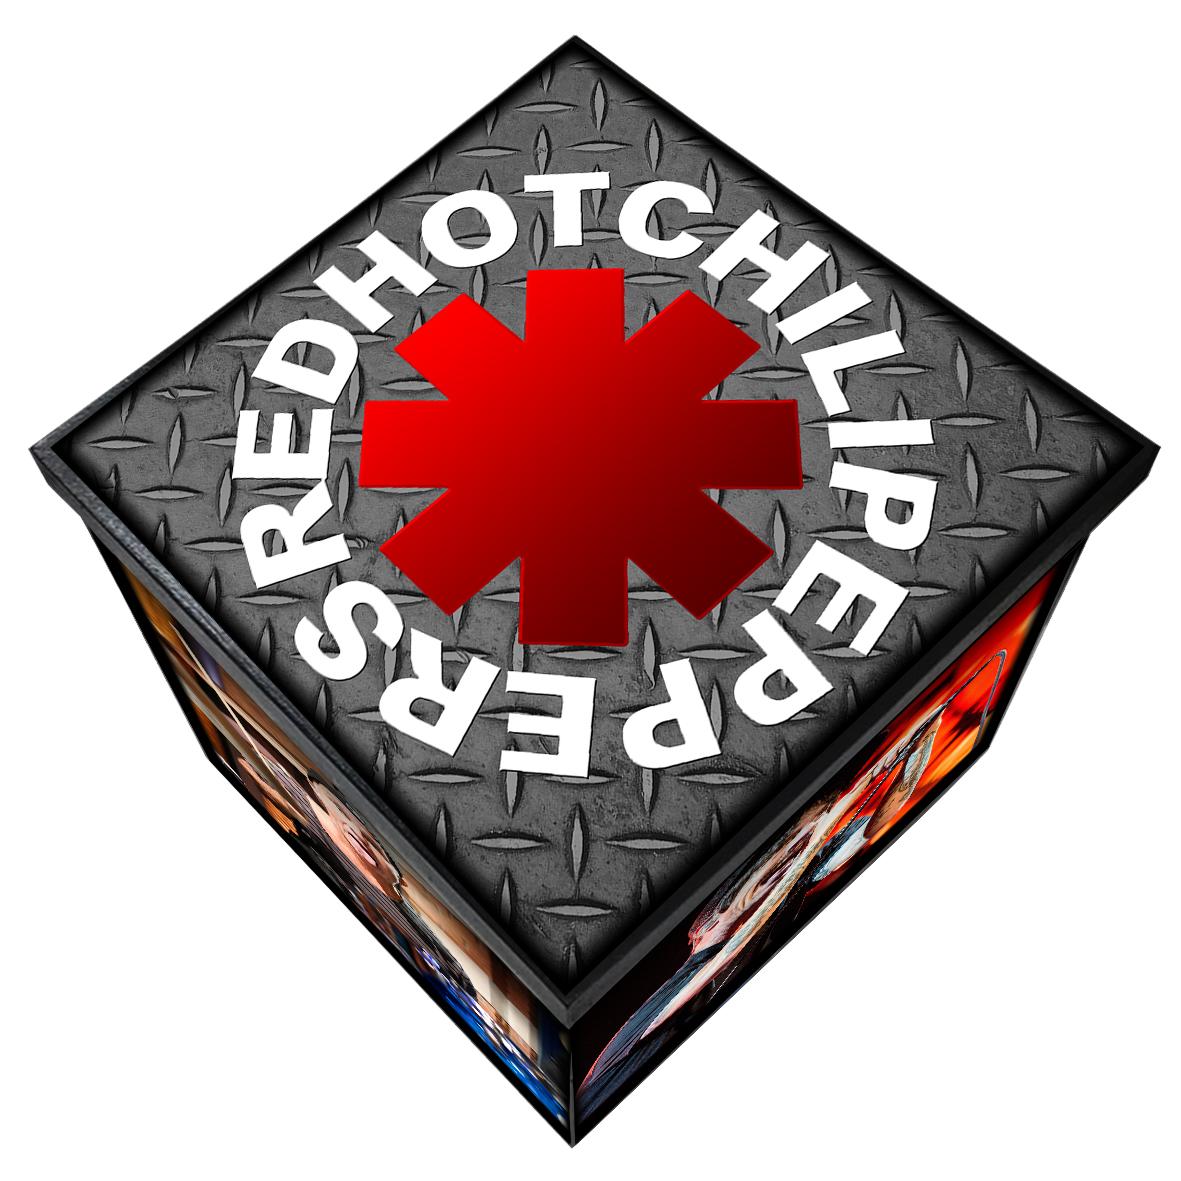 Red Hot Chili Peppers - Caixa em Madeira MDF - Tamanho Grande - Mr. Rock